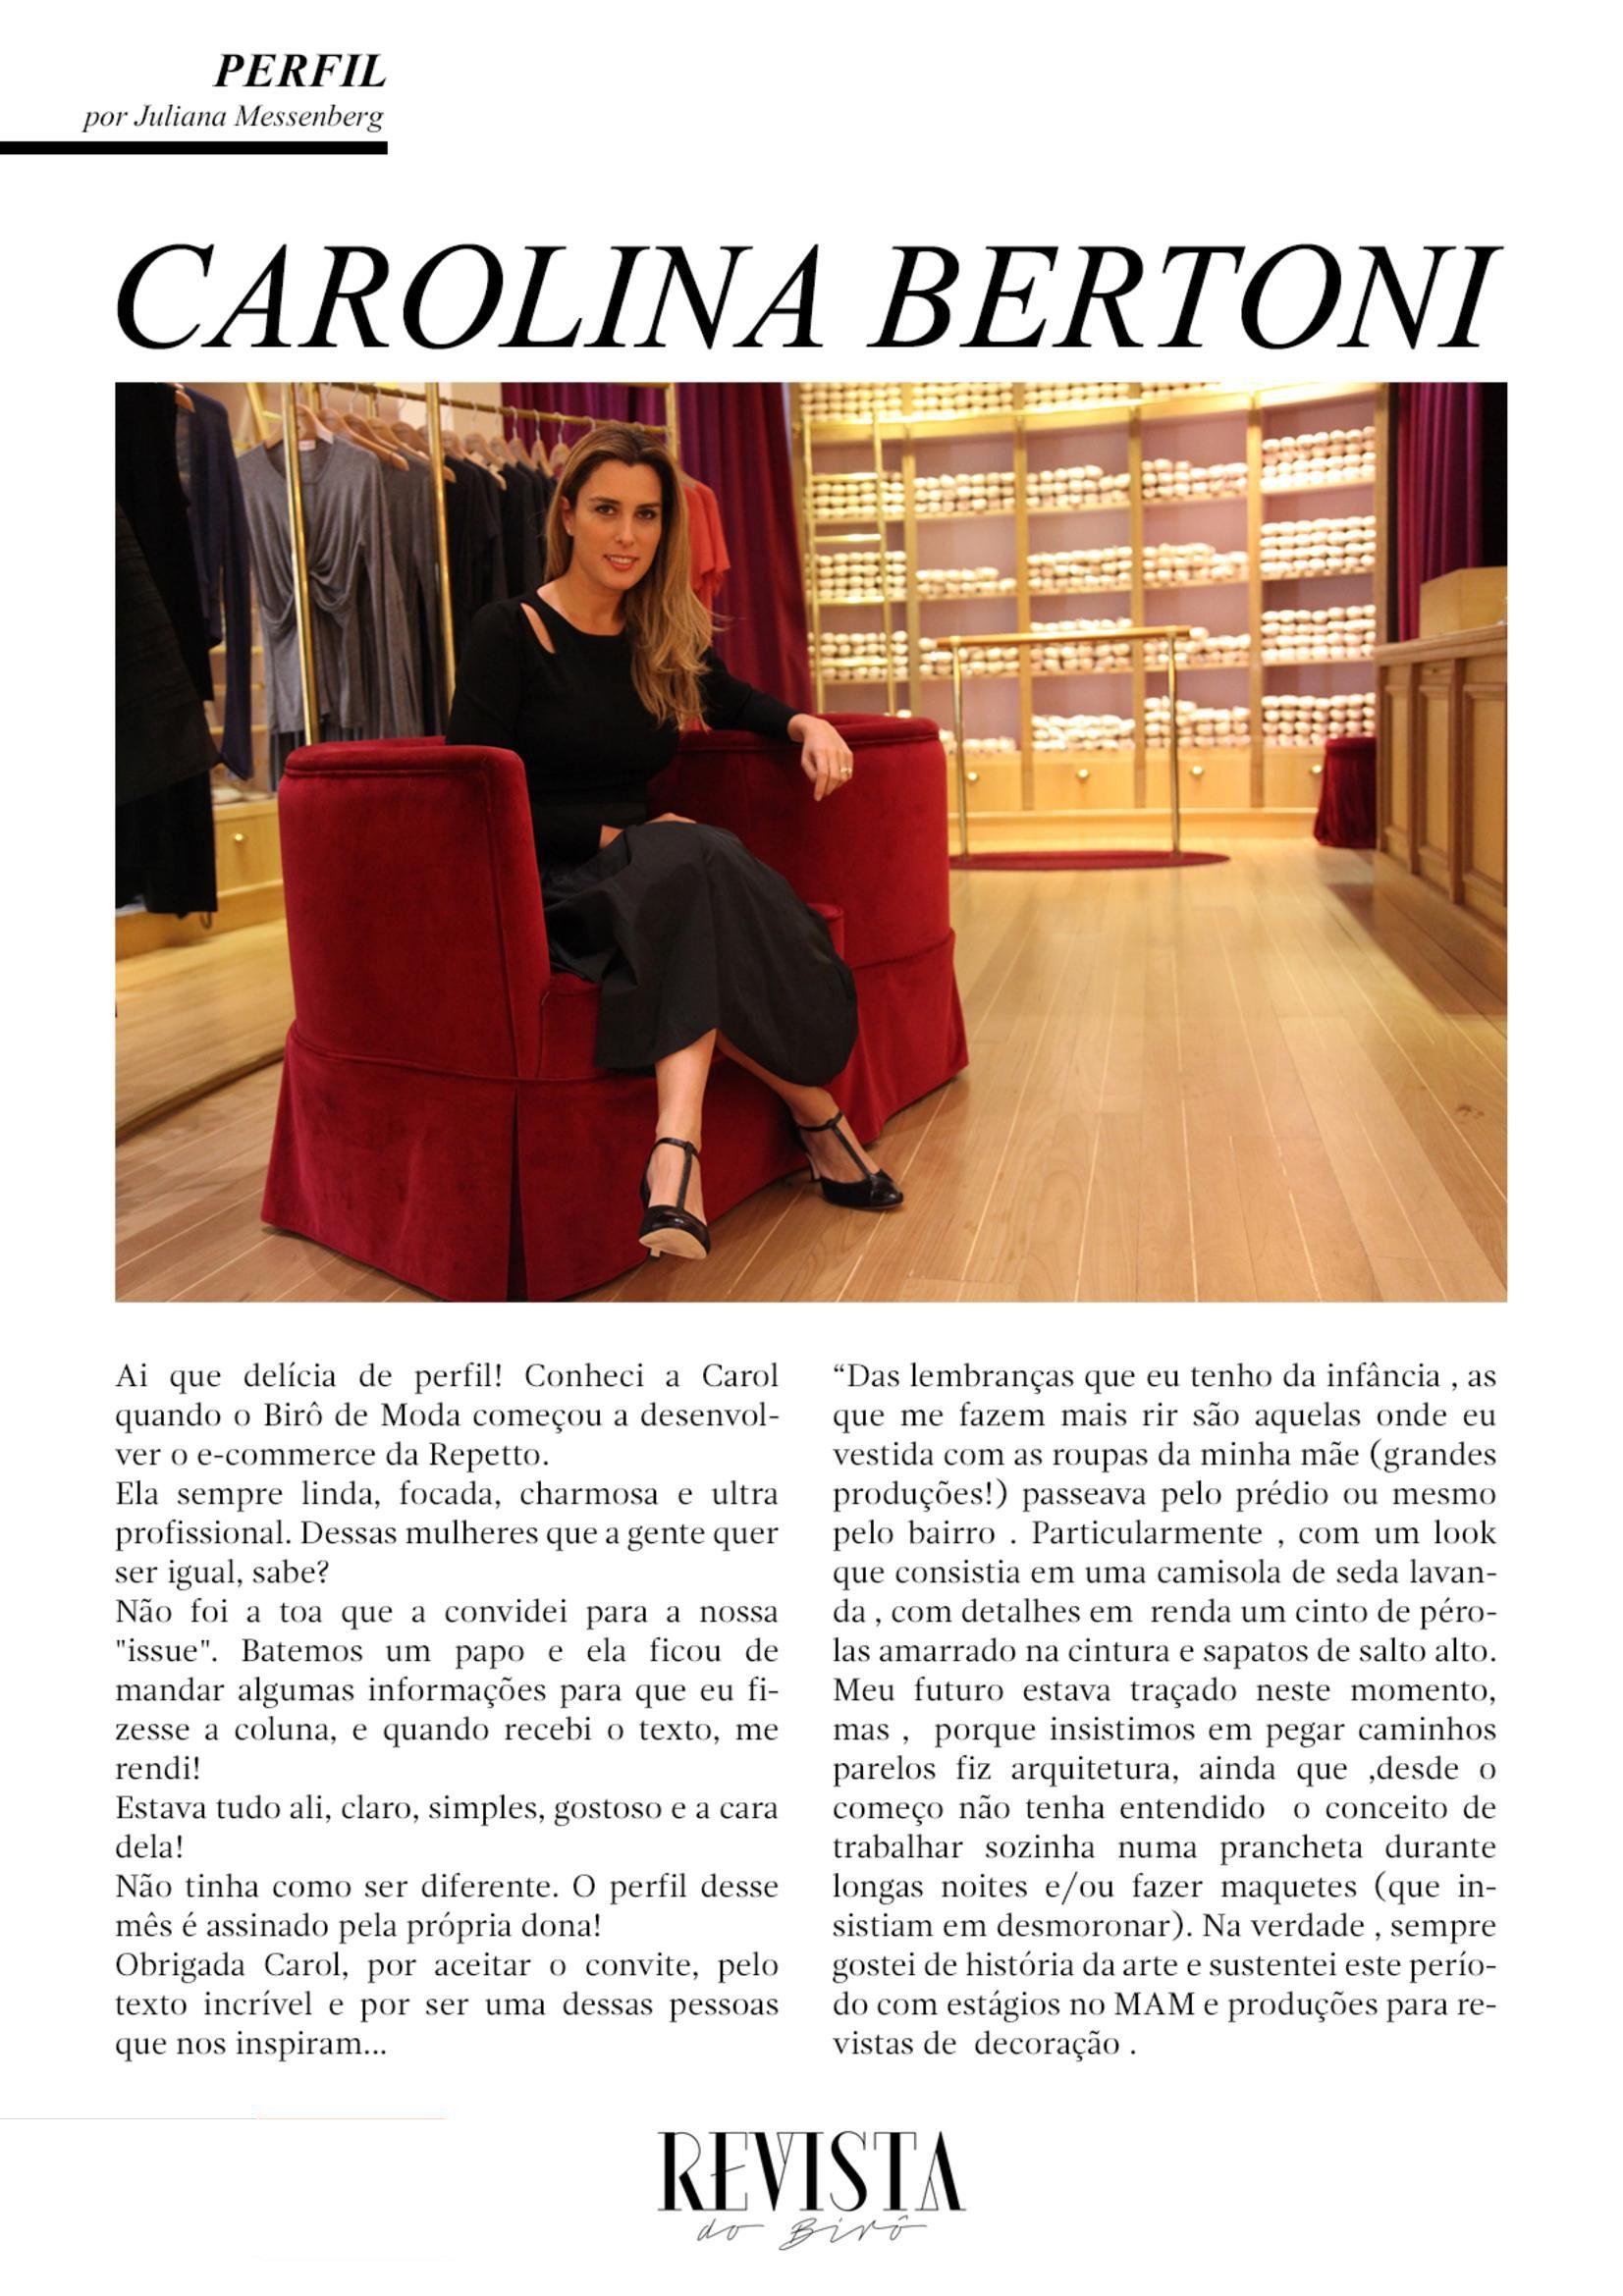 555ff57a22143 Pin de Revista do Birô em Revista do Birô  3